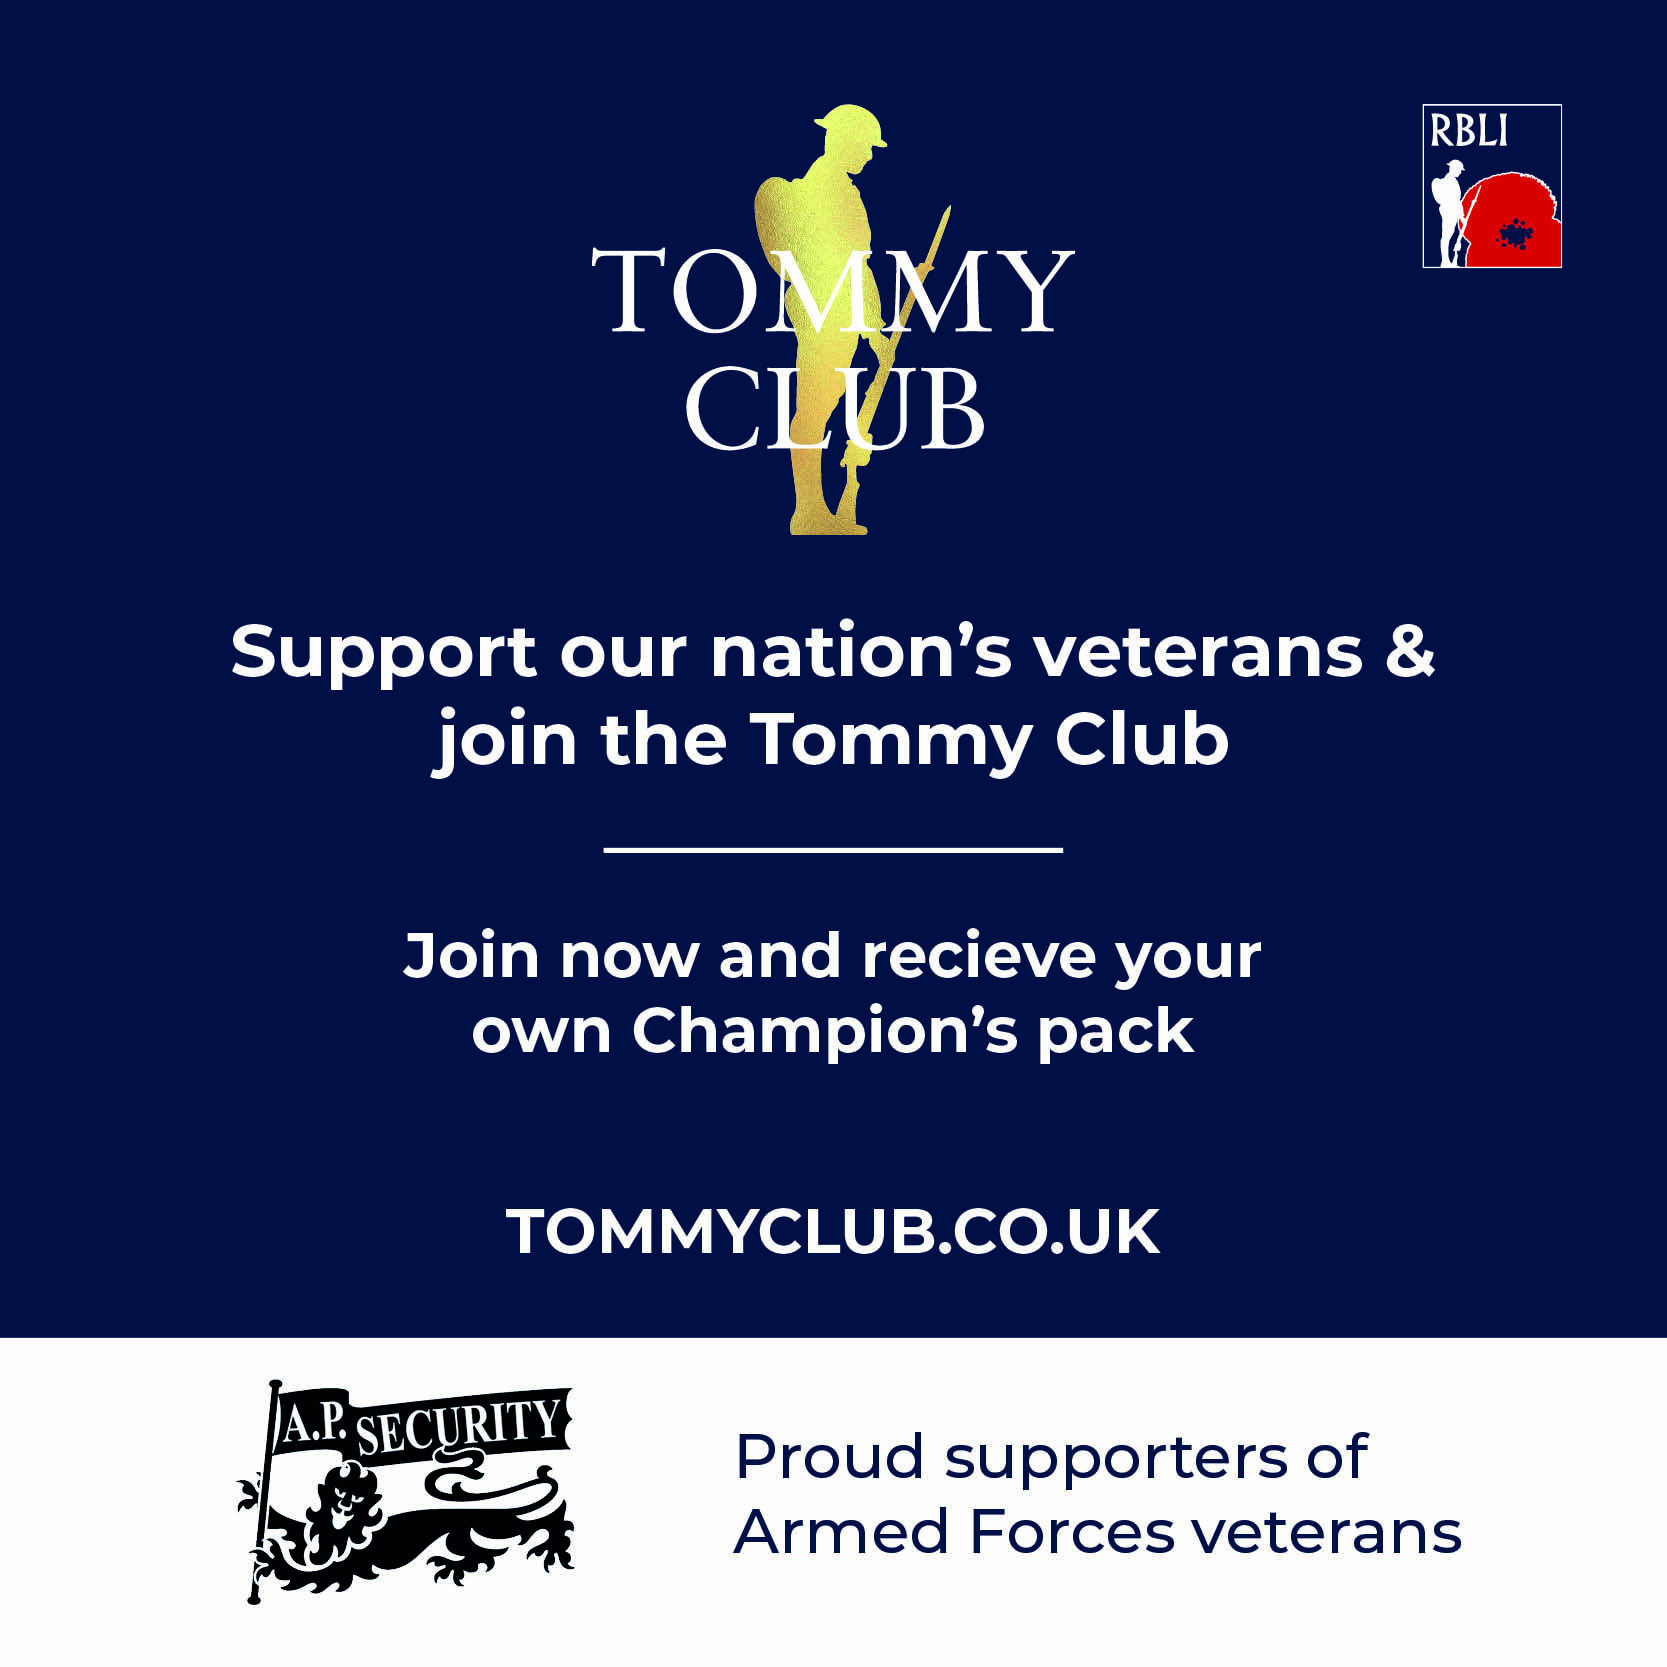 Tommy Club